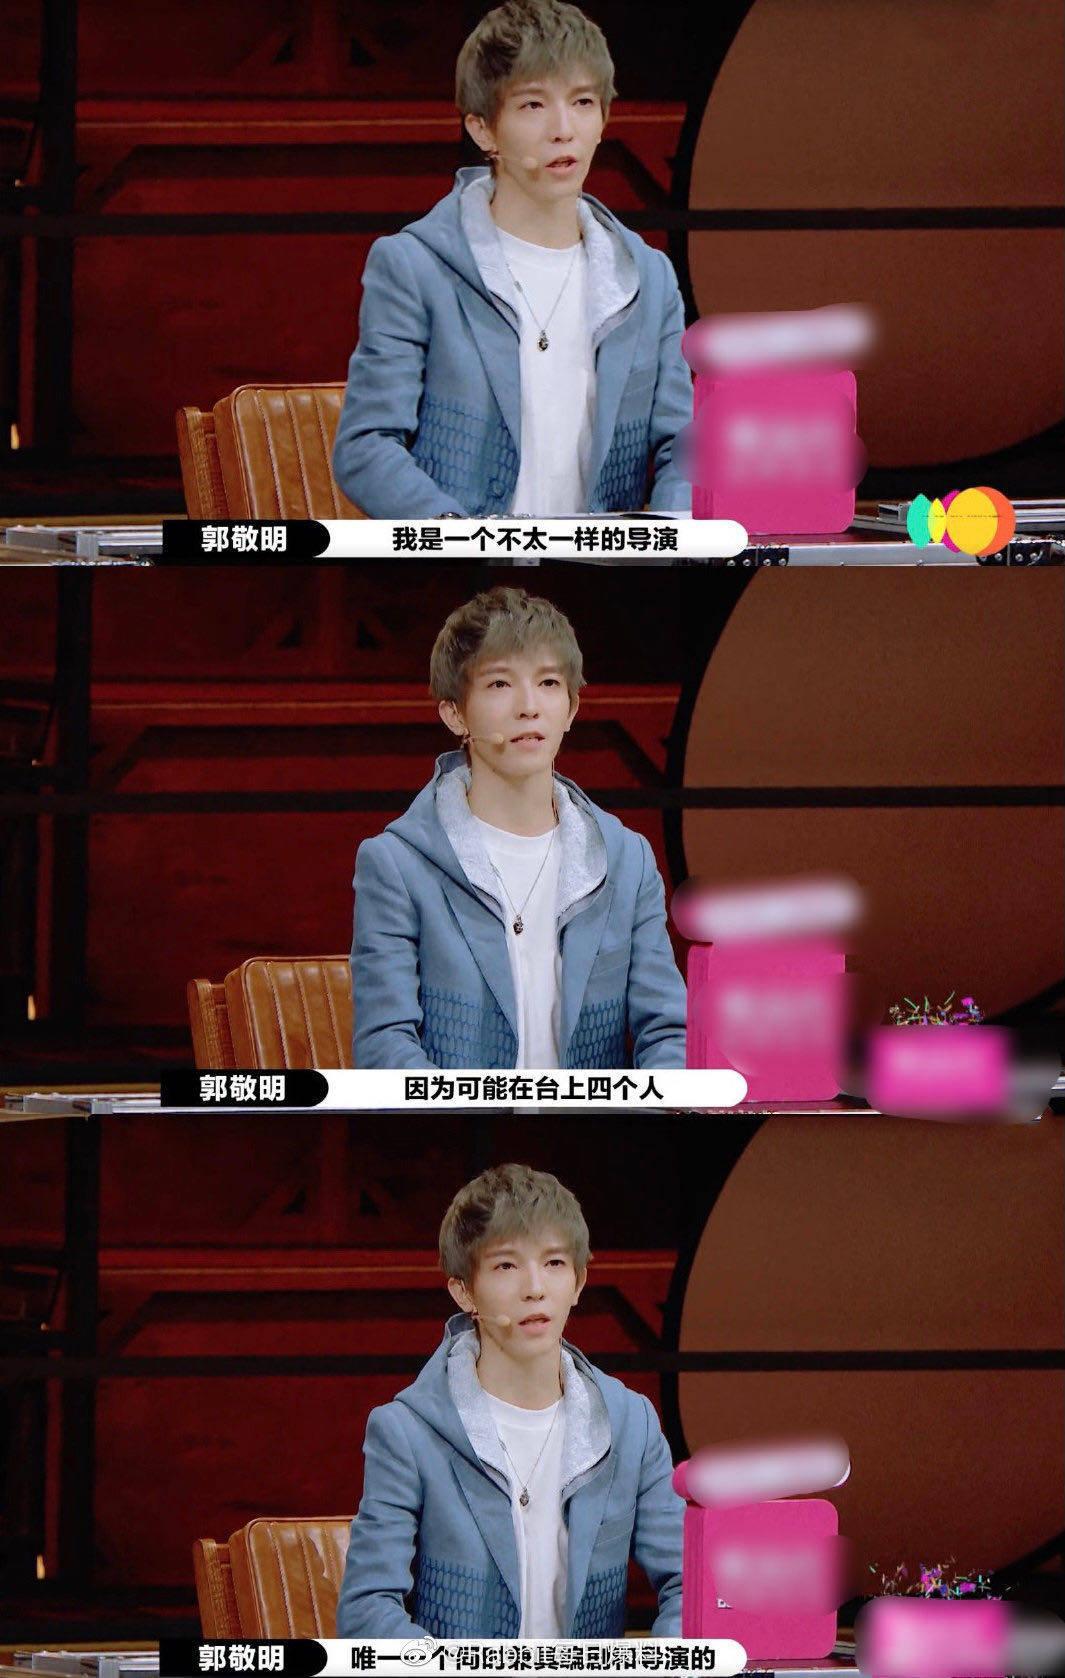 郭敬明太自信,在两大导演面前称自己是导编一体,被尔导迅速打脸